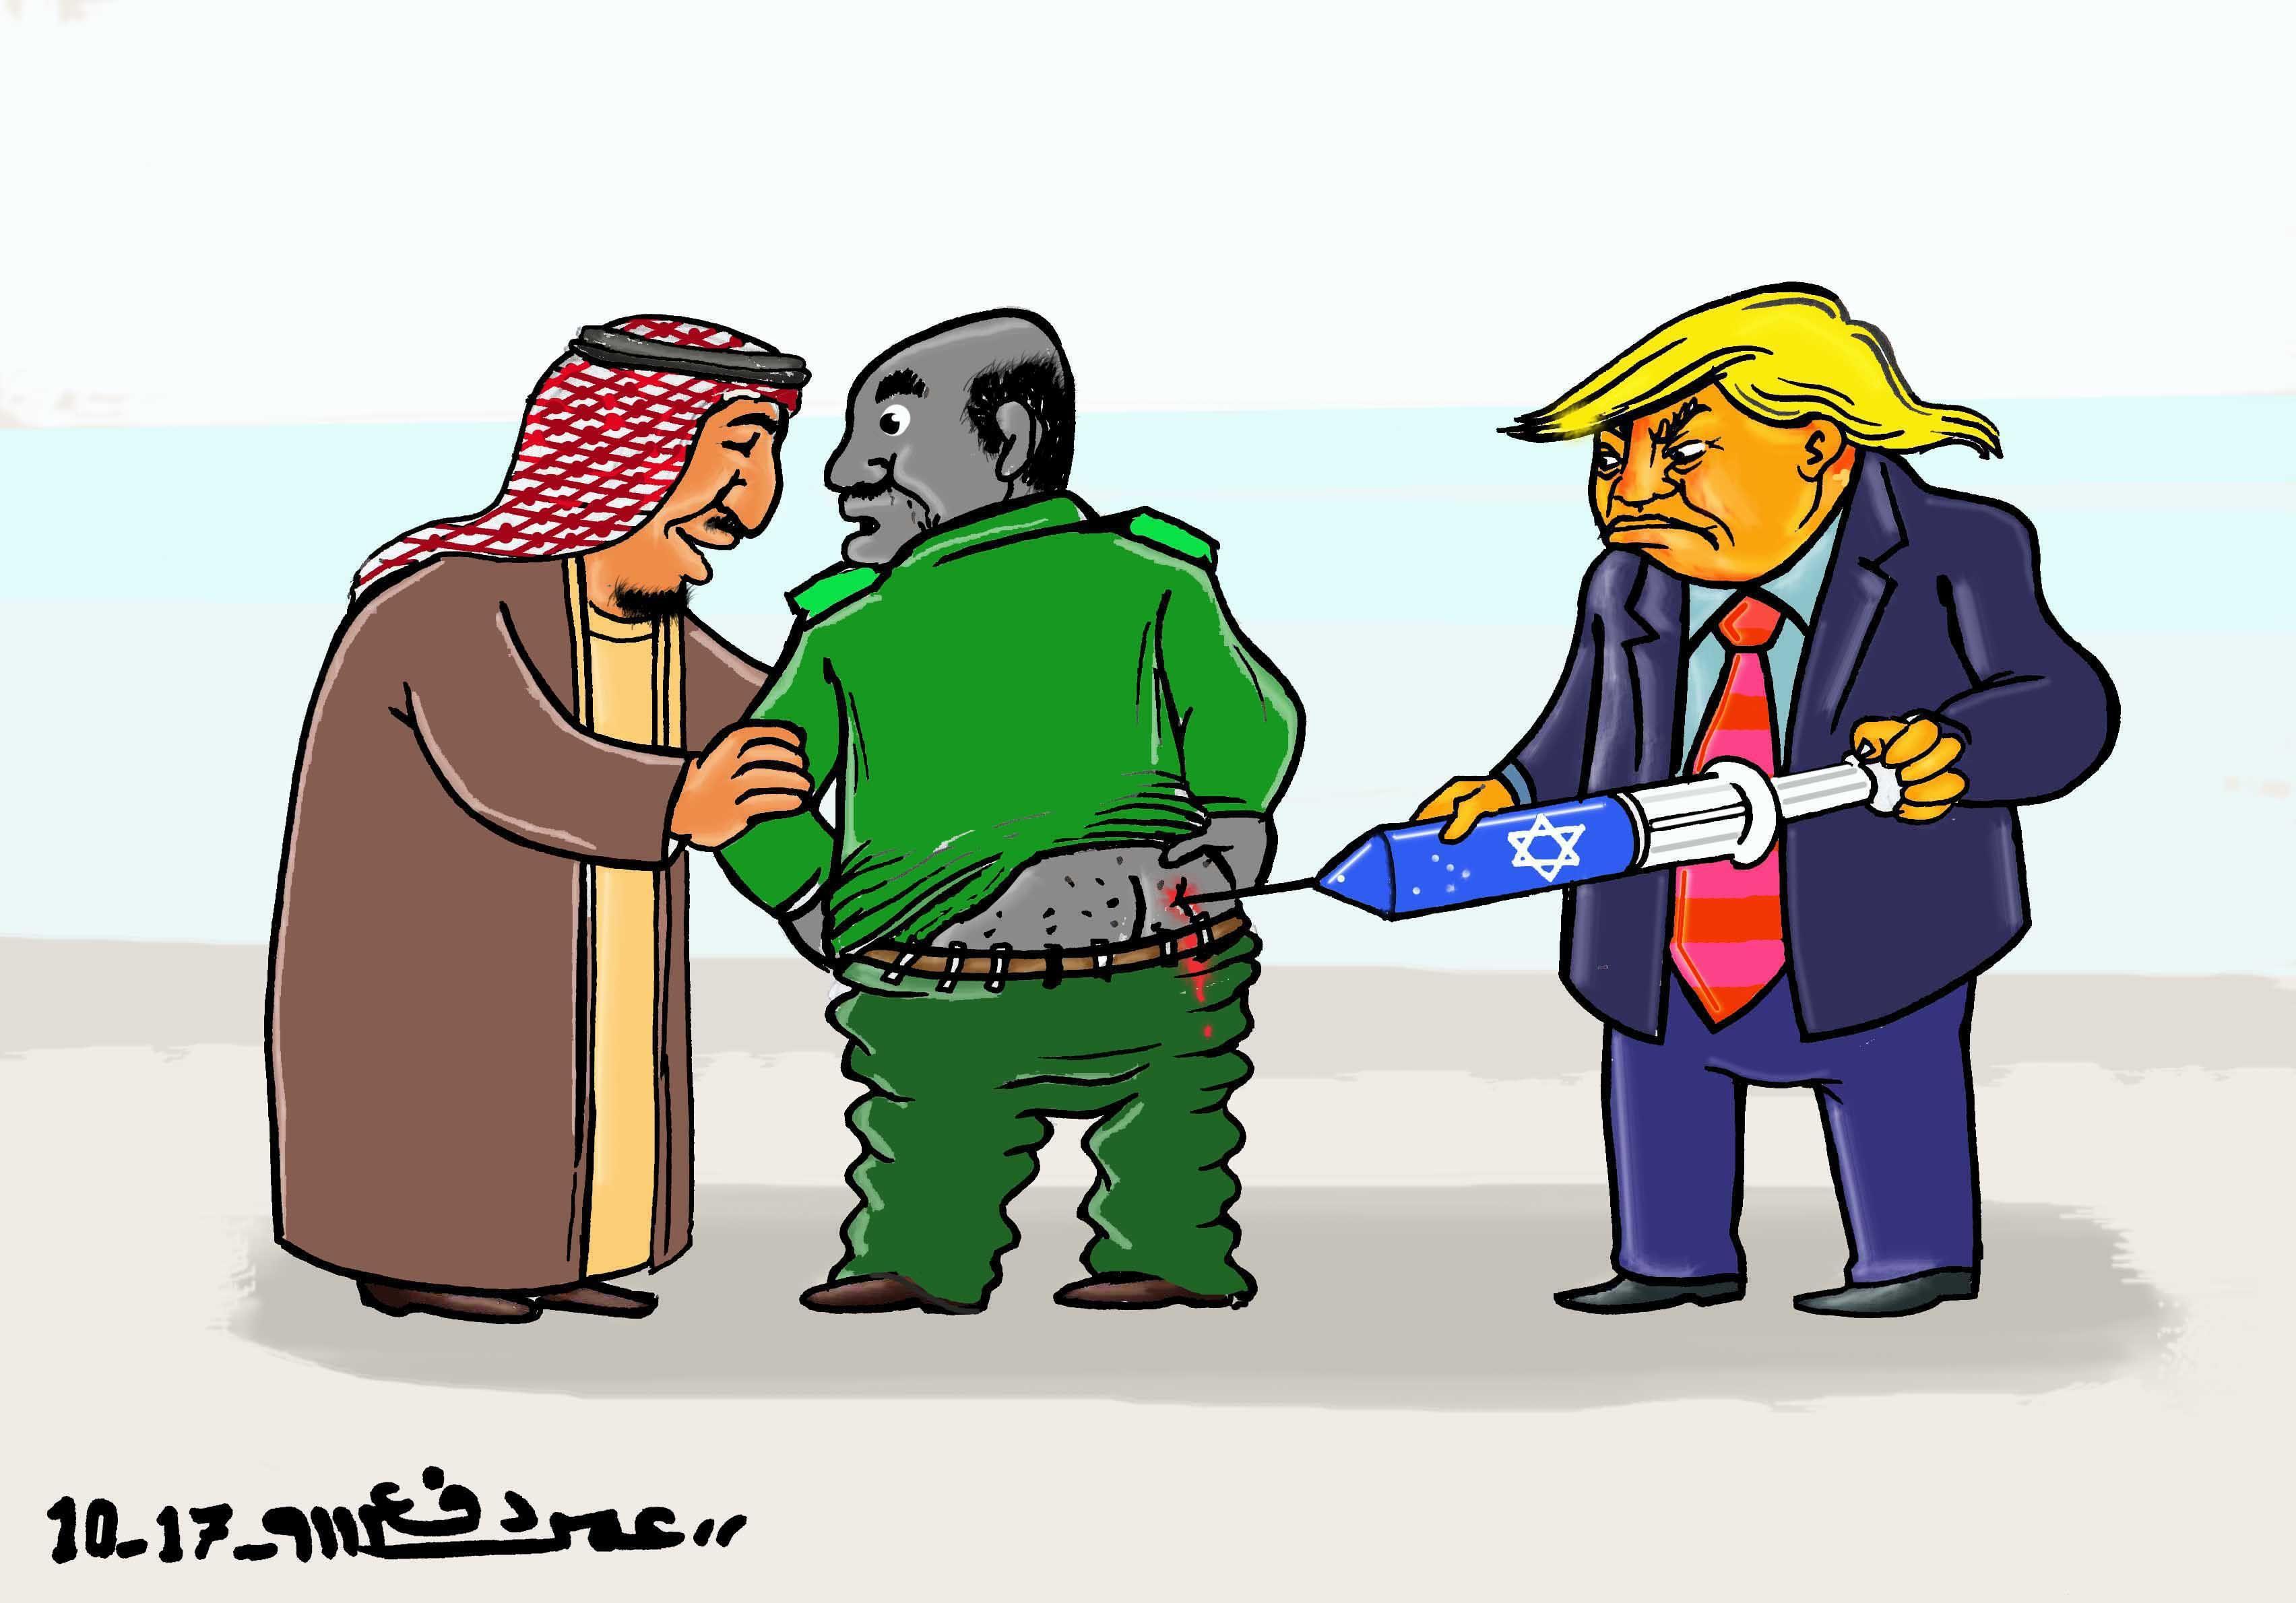 كاركاتير اليوم الموافق 13 أكتوبر 2017 للفنان عمر دفع الله